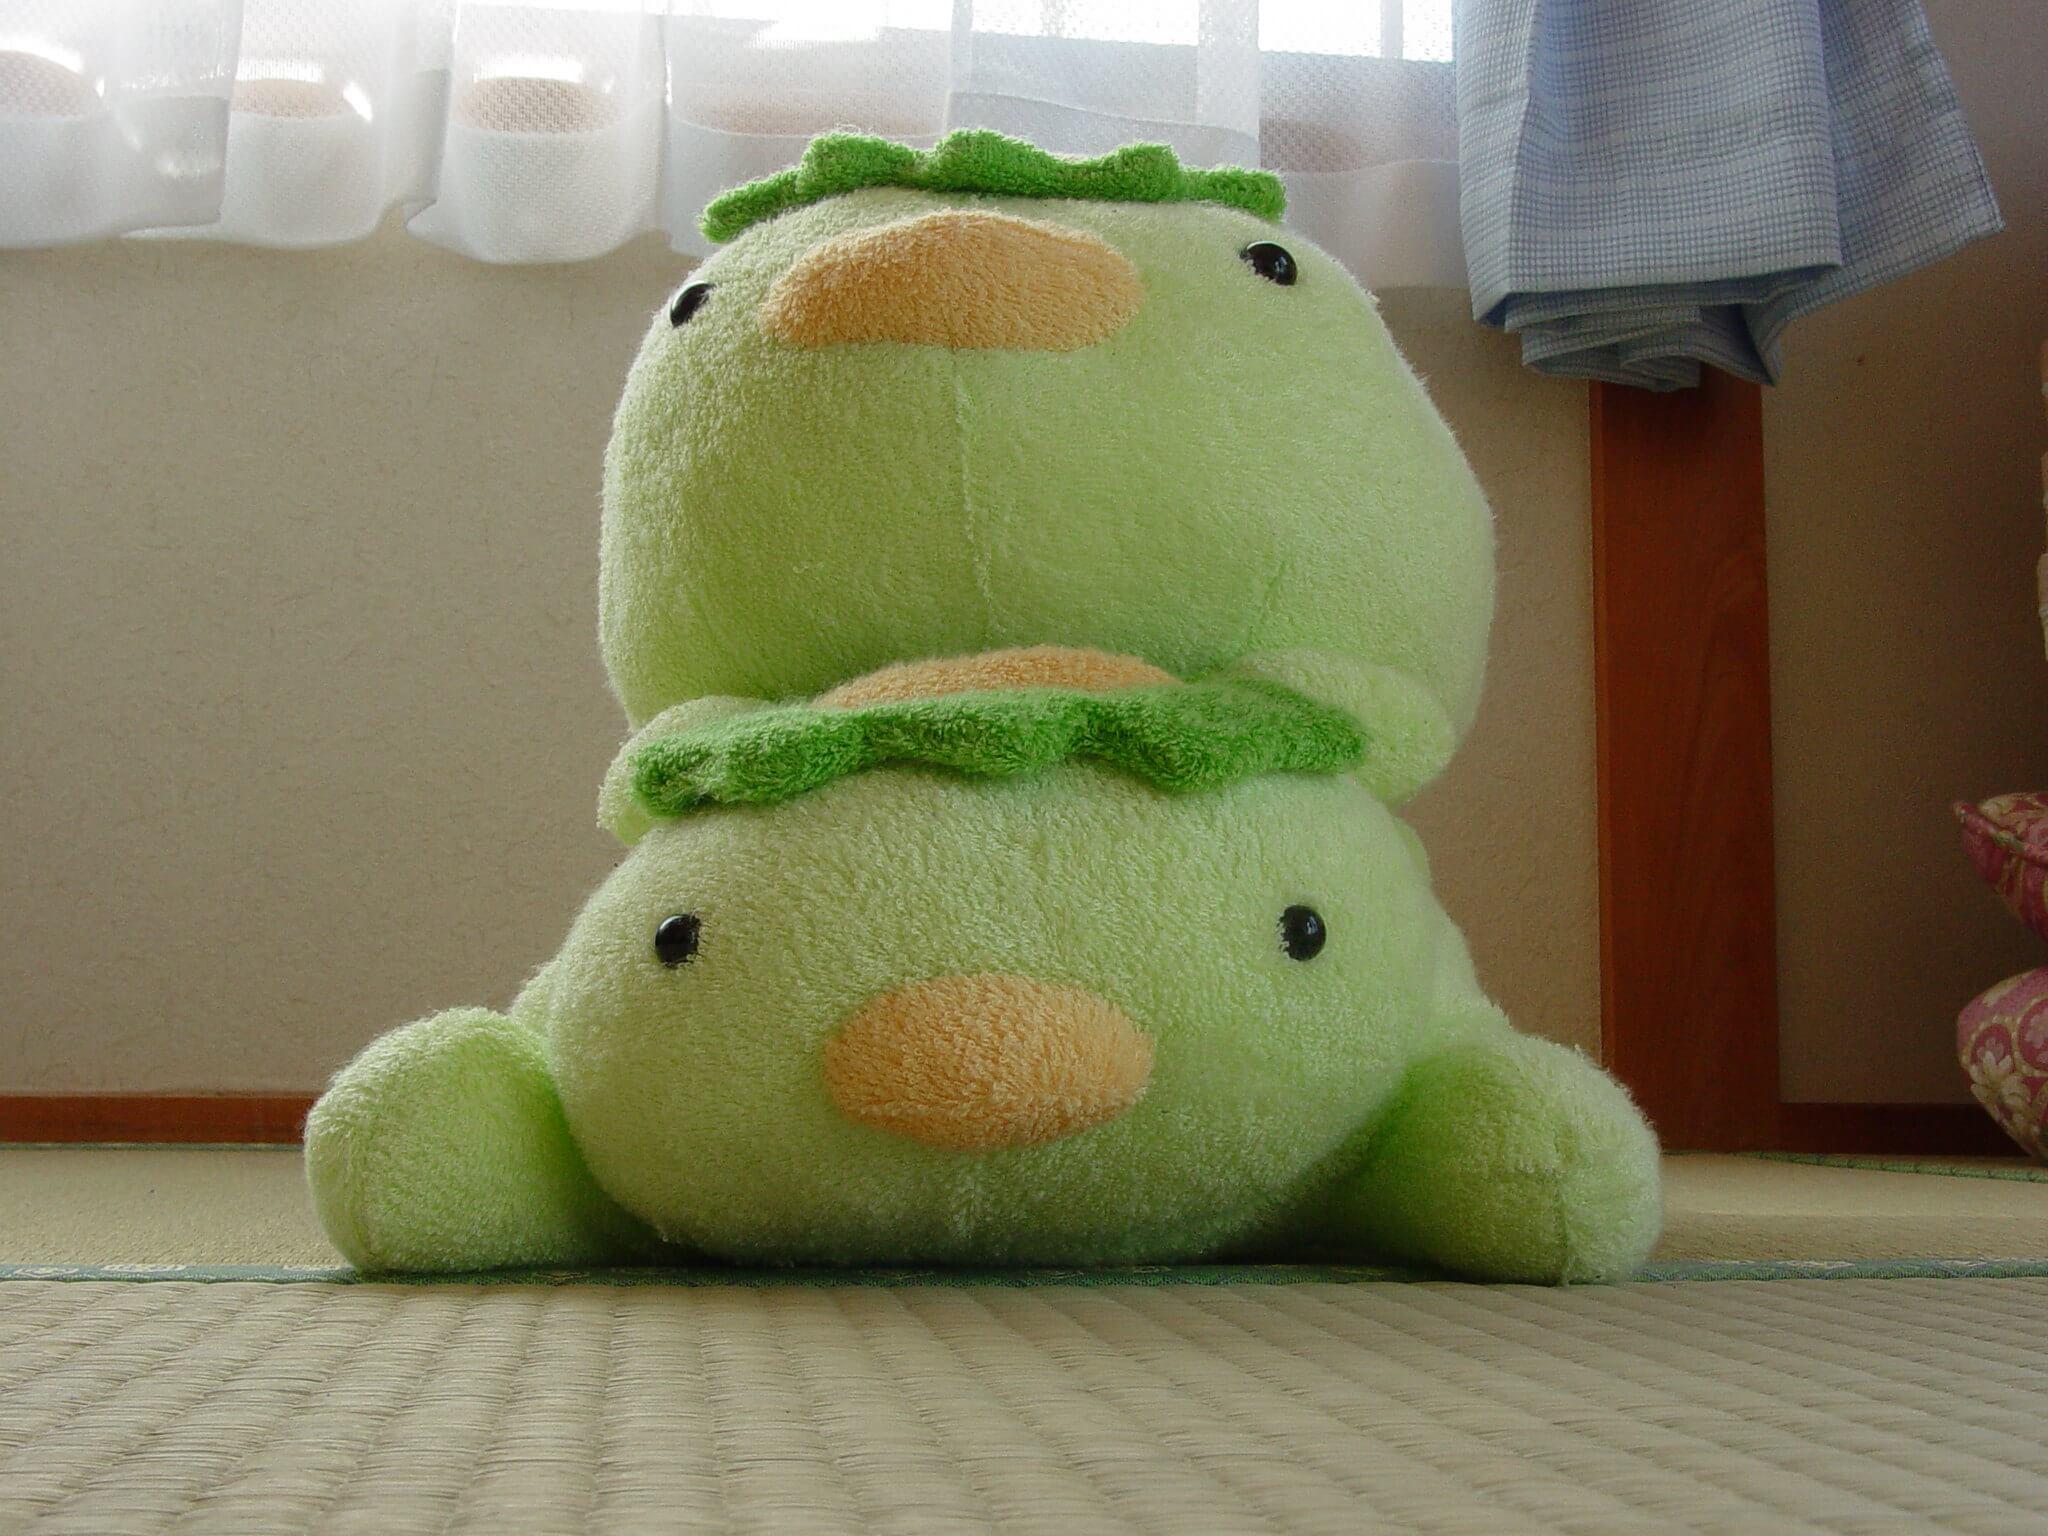 Japanisches Plüschtier Kappa für Kinder